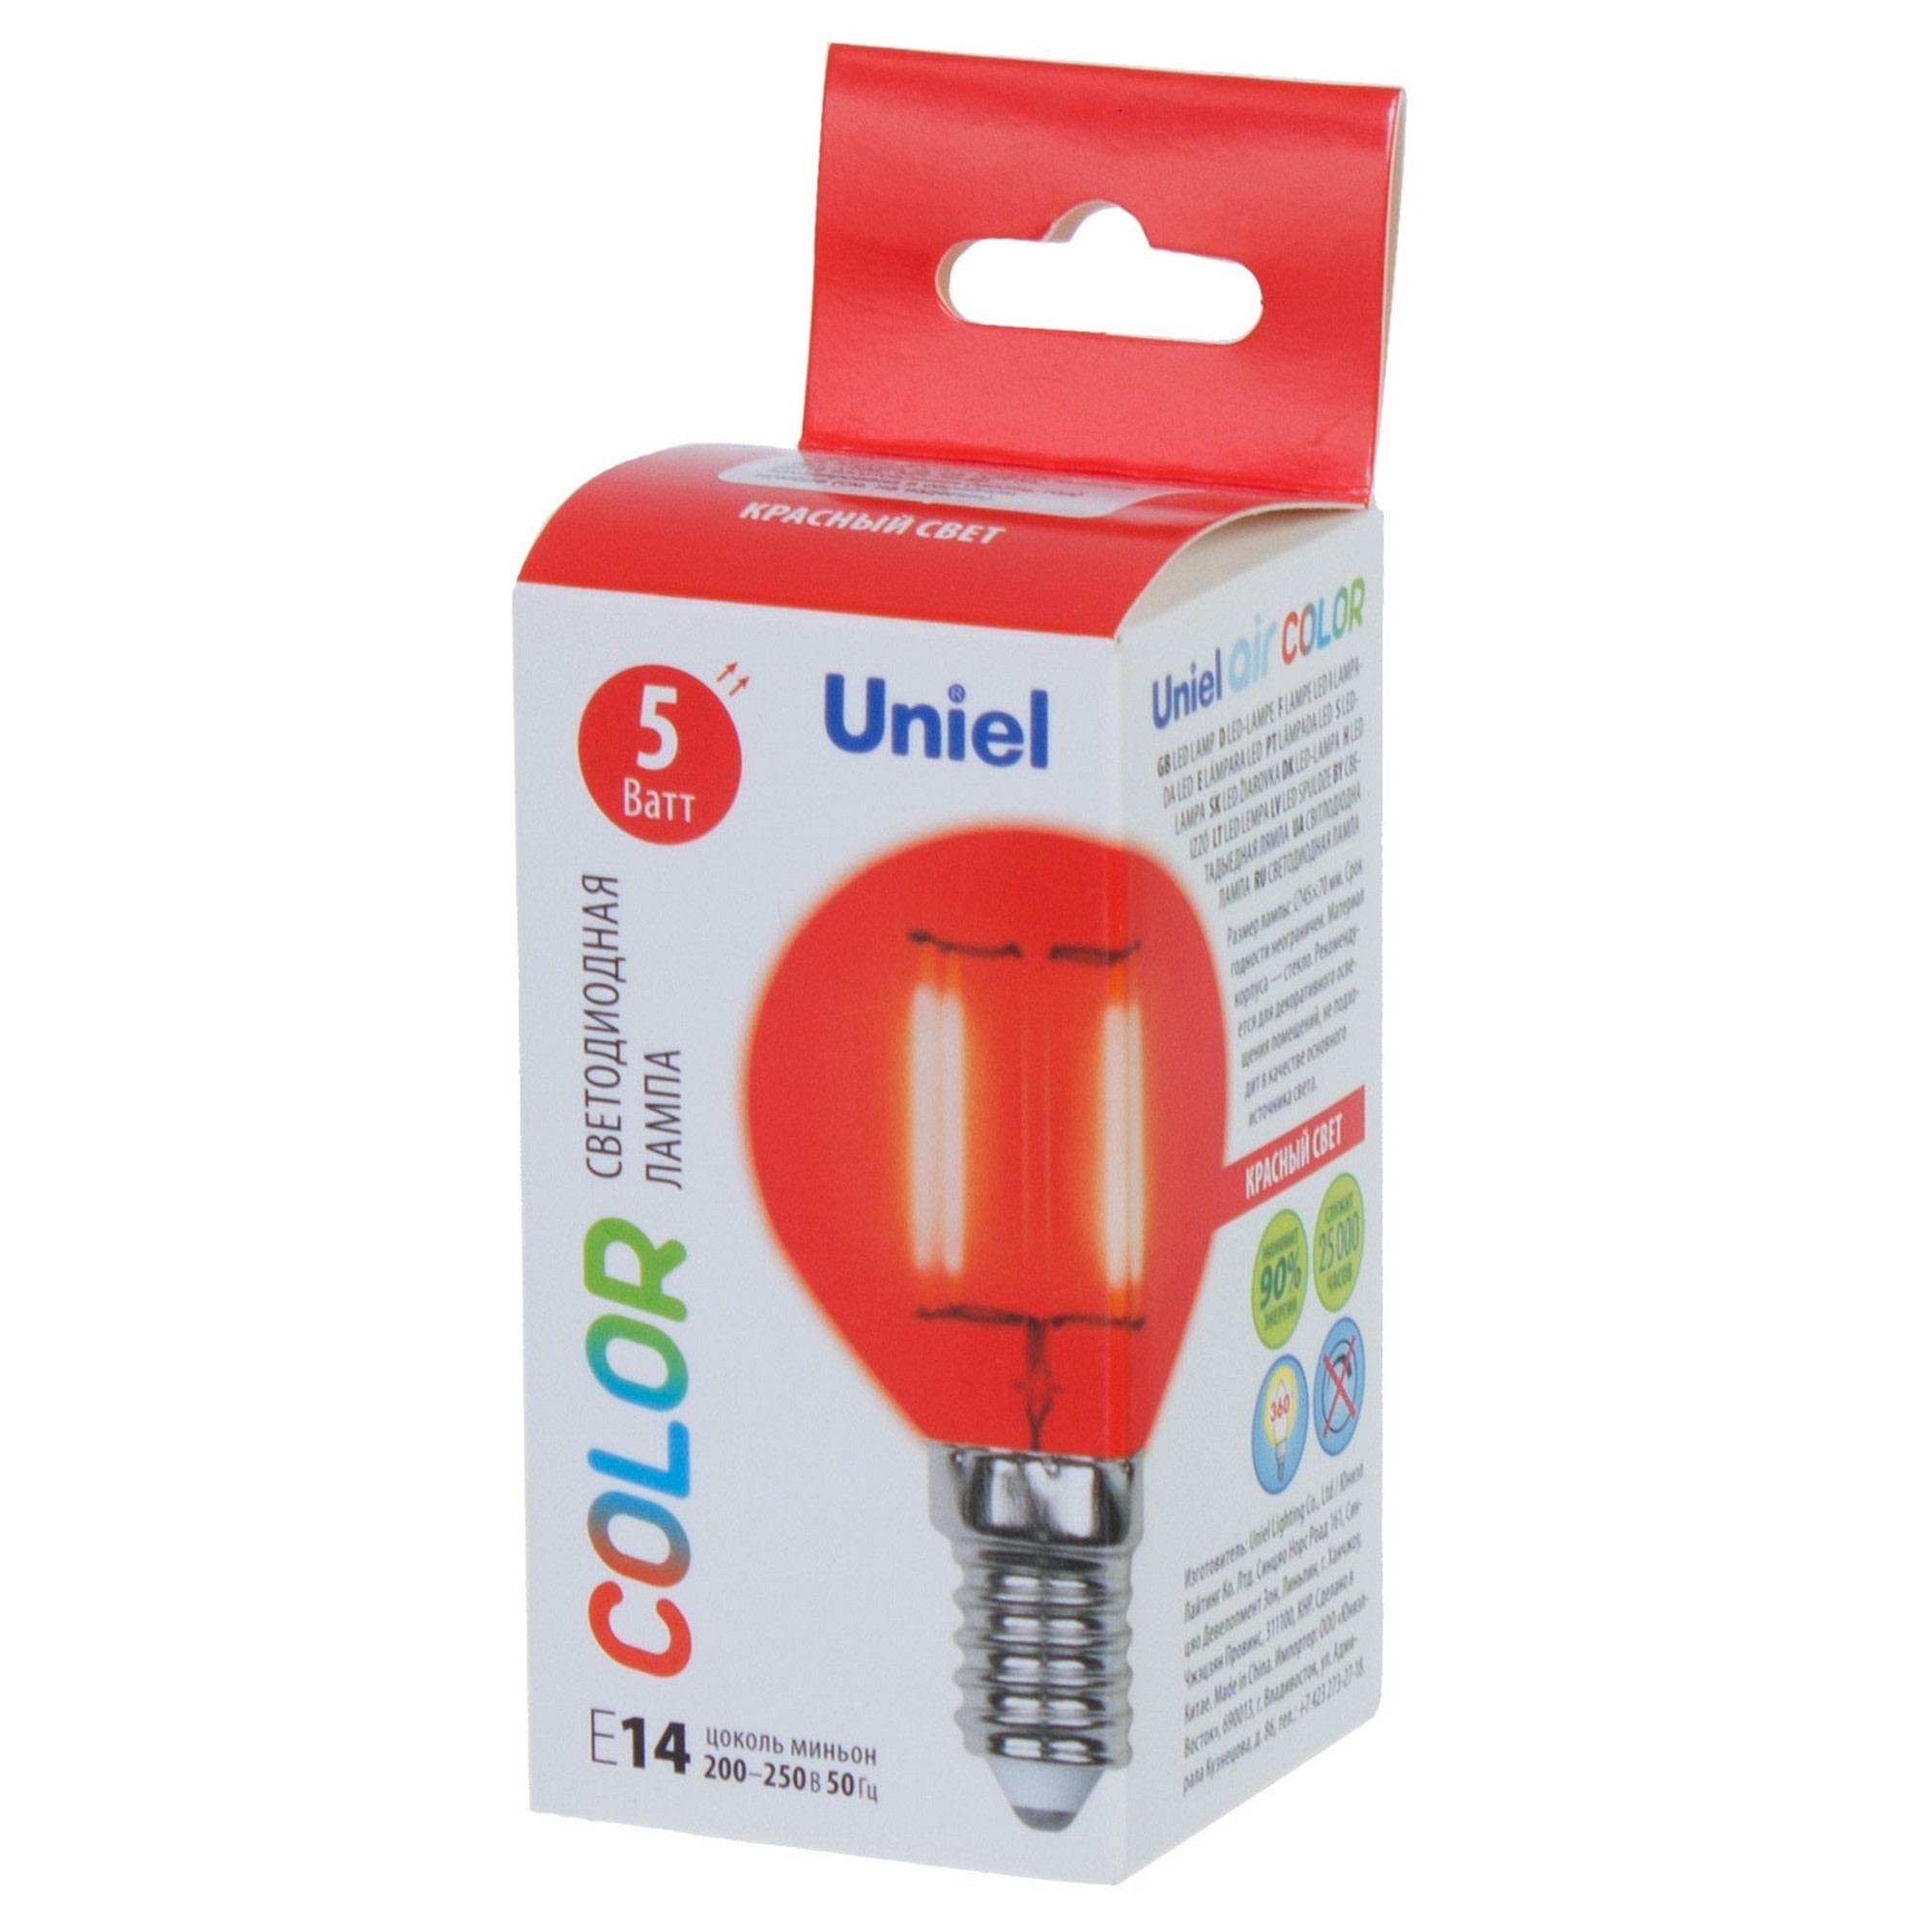 Лампа светодиодная Uniel Color шар E14 5 Вт свет красный